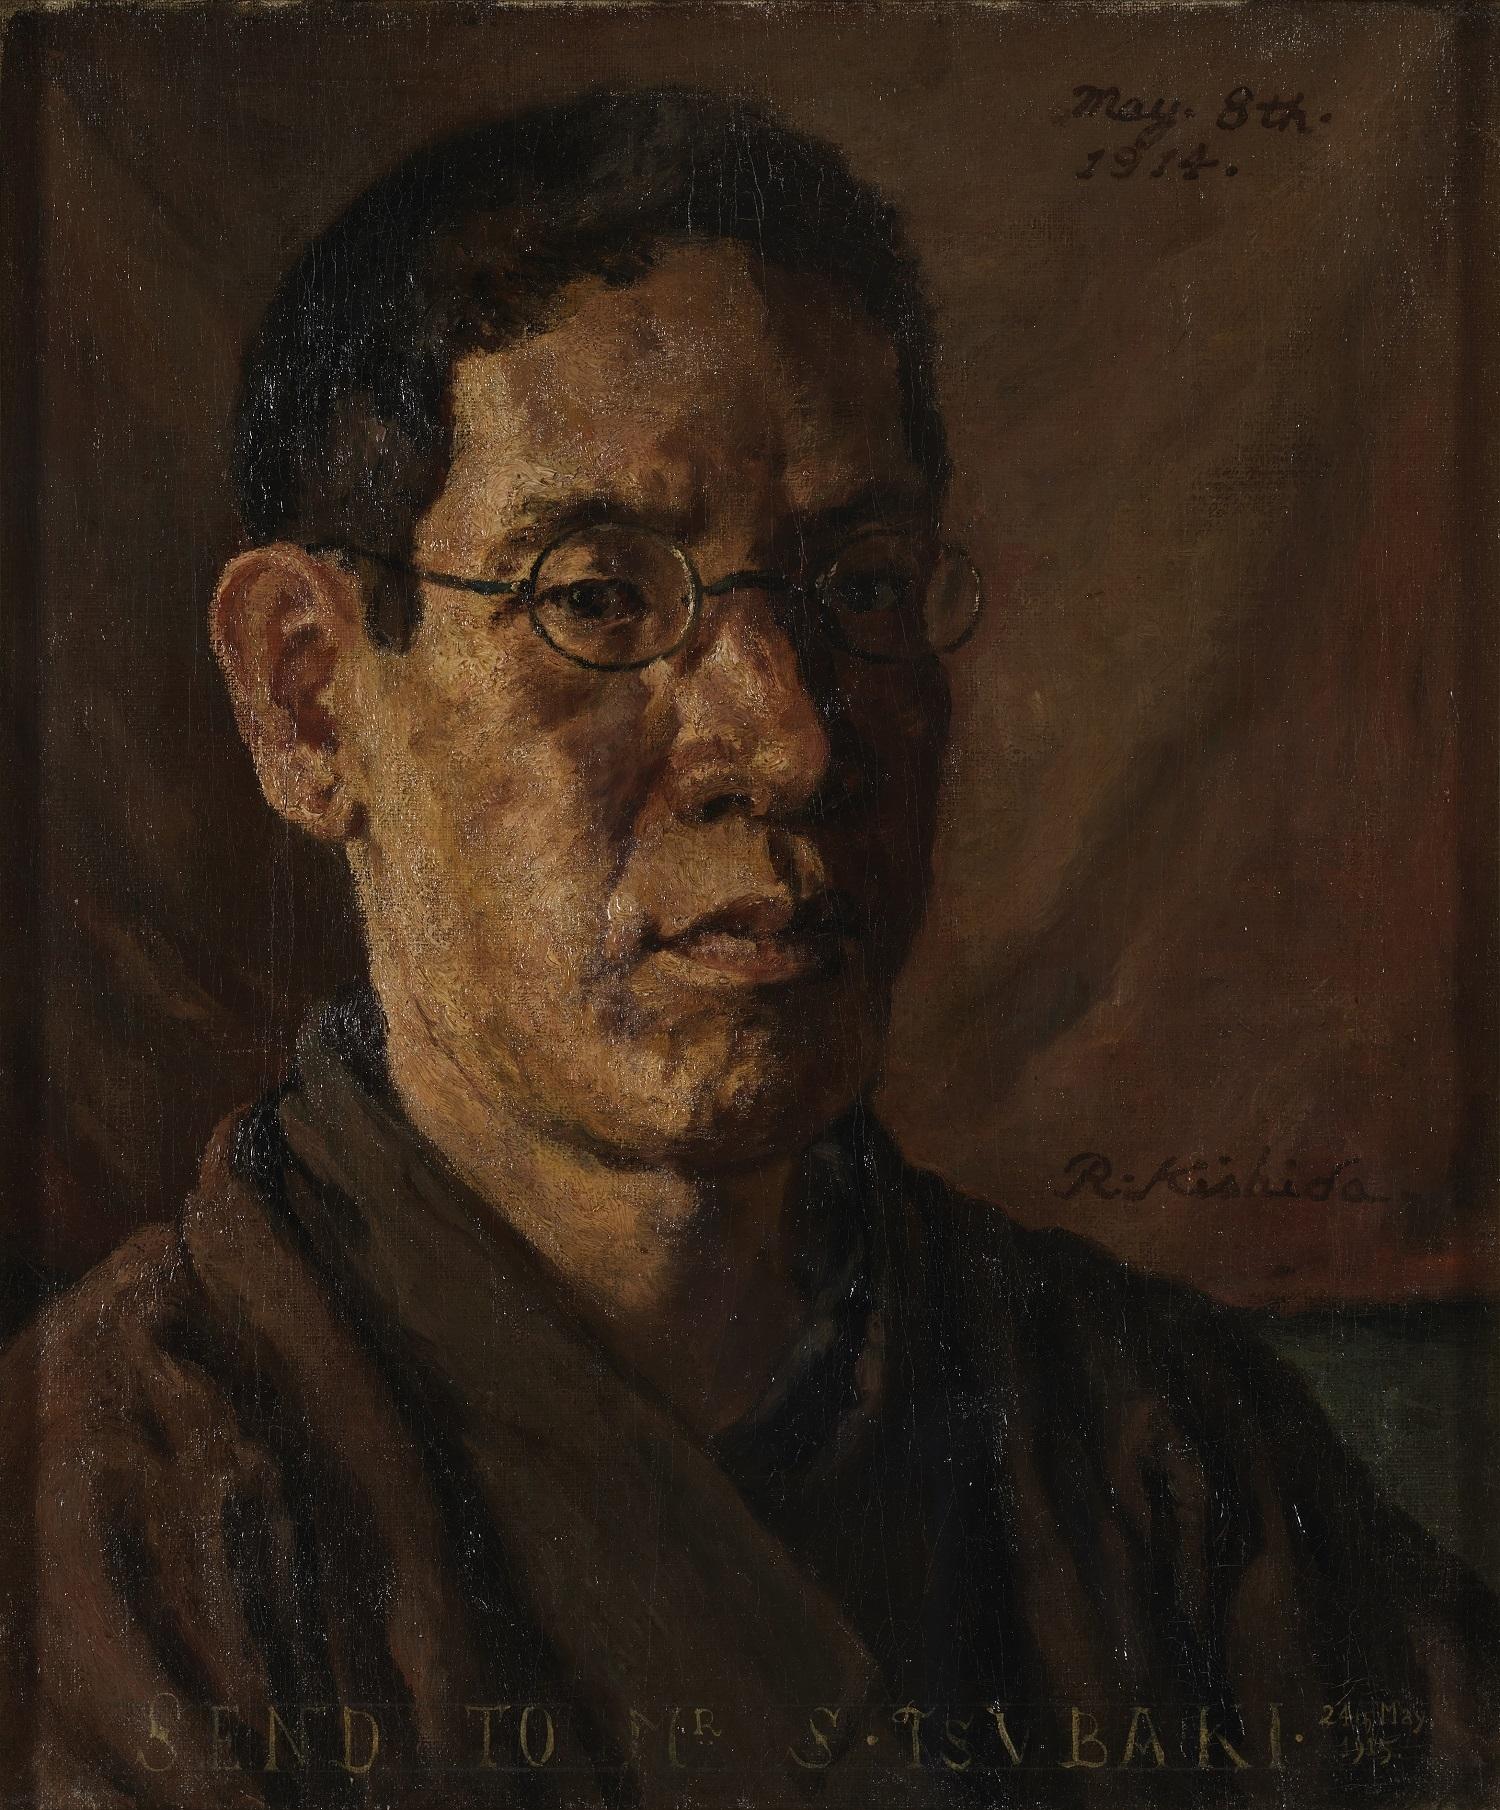 岸田劉生《椿君に贈る自画像》1914